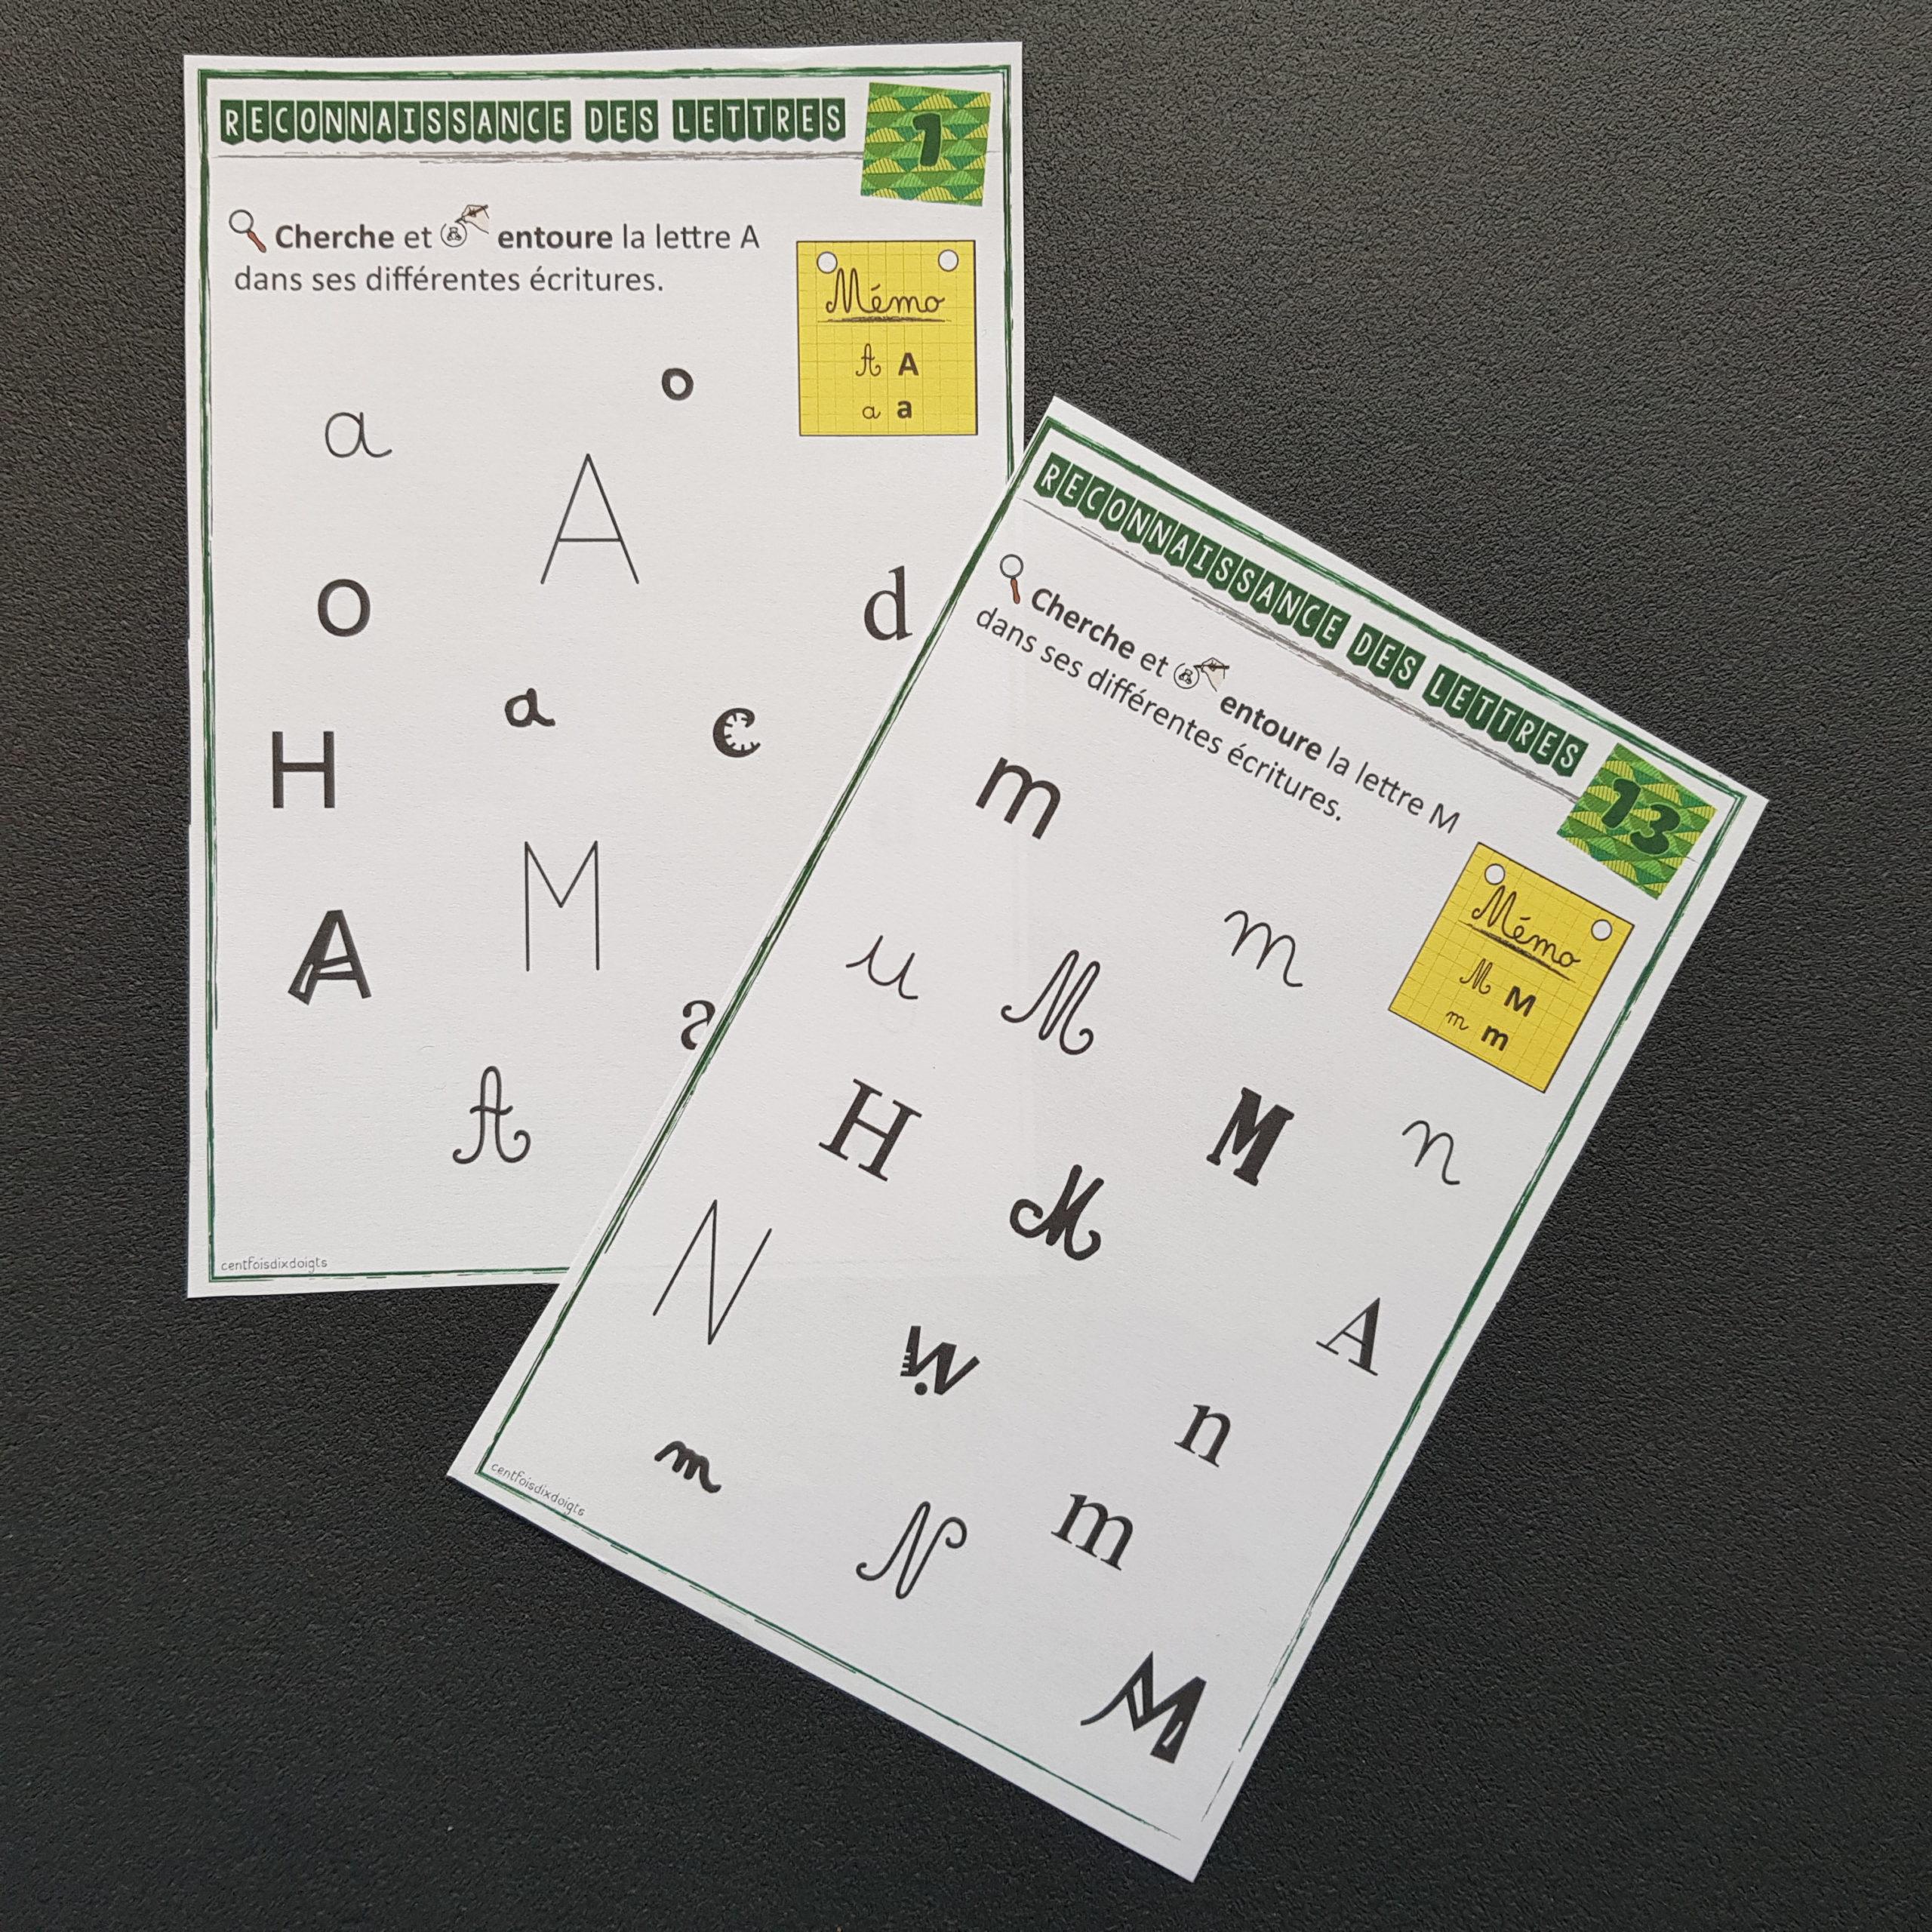 Les lettres dans différentes écritures